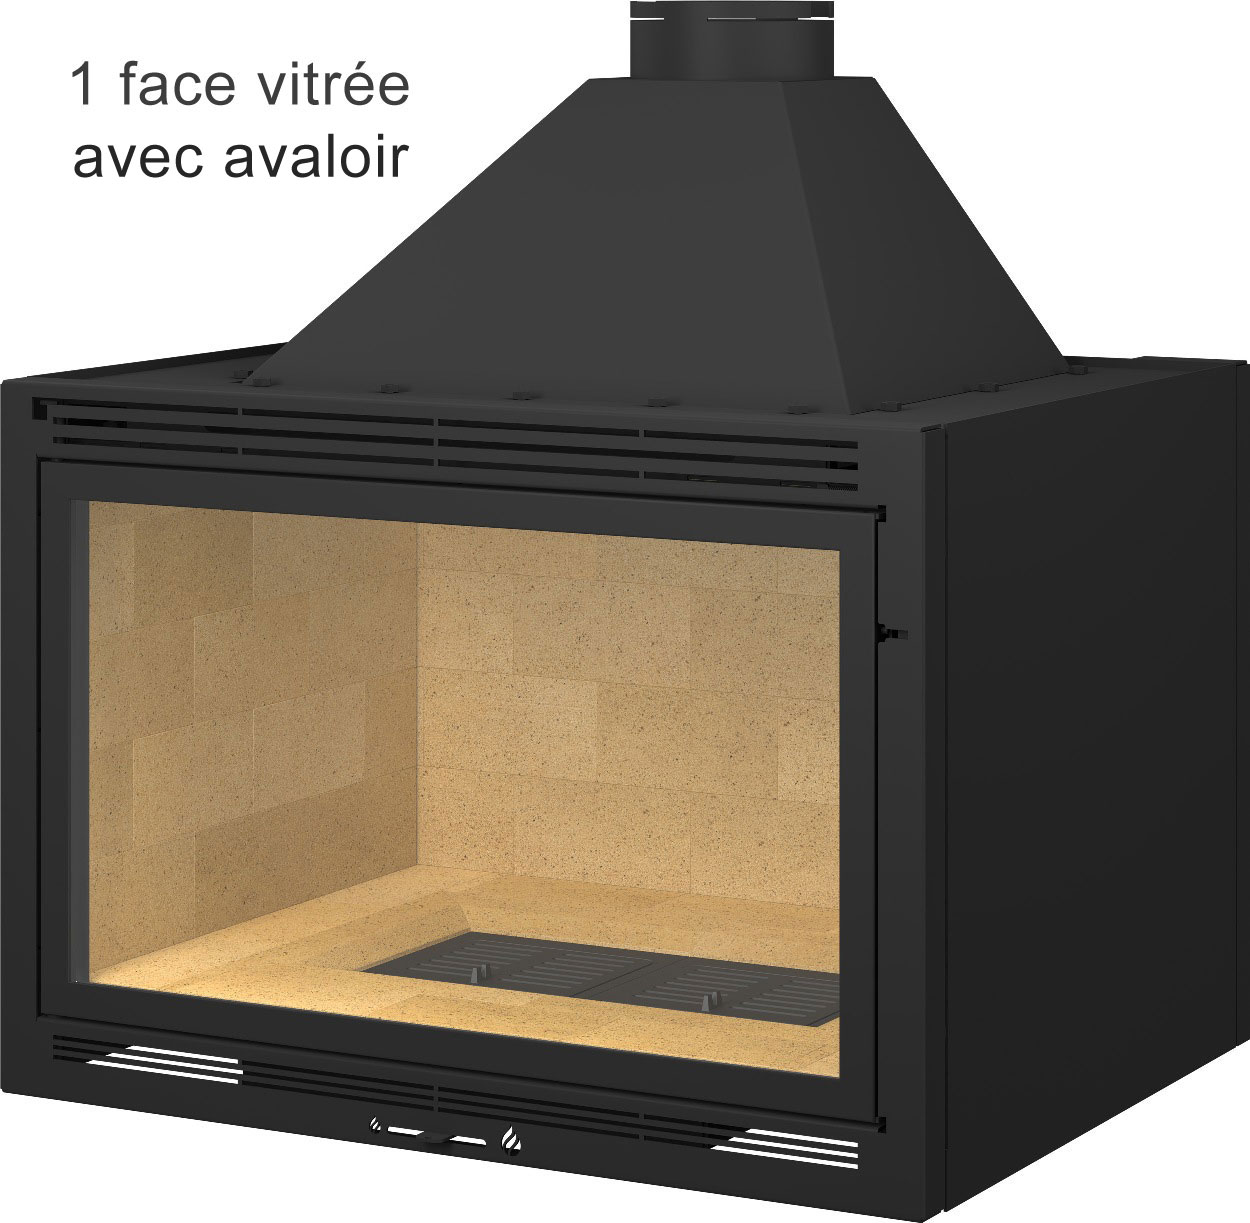 insert de chemin e sur mesure 600 l x500 h x500 p 3 vitres 10kw acheter au meilleur prix. Black Bedroom Furniture Sets. Home Design Ideas